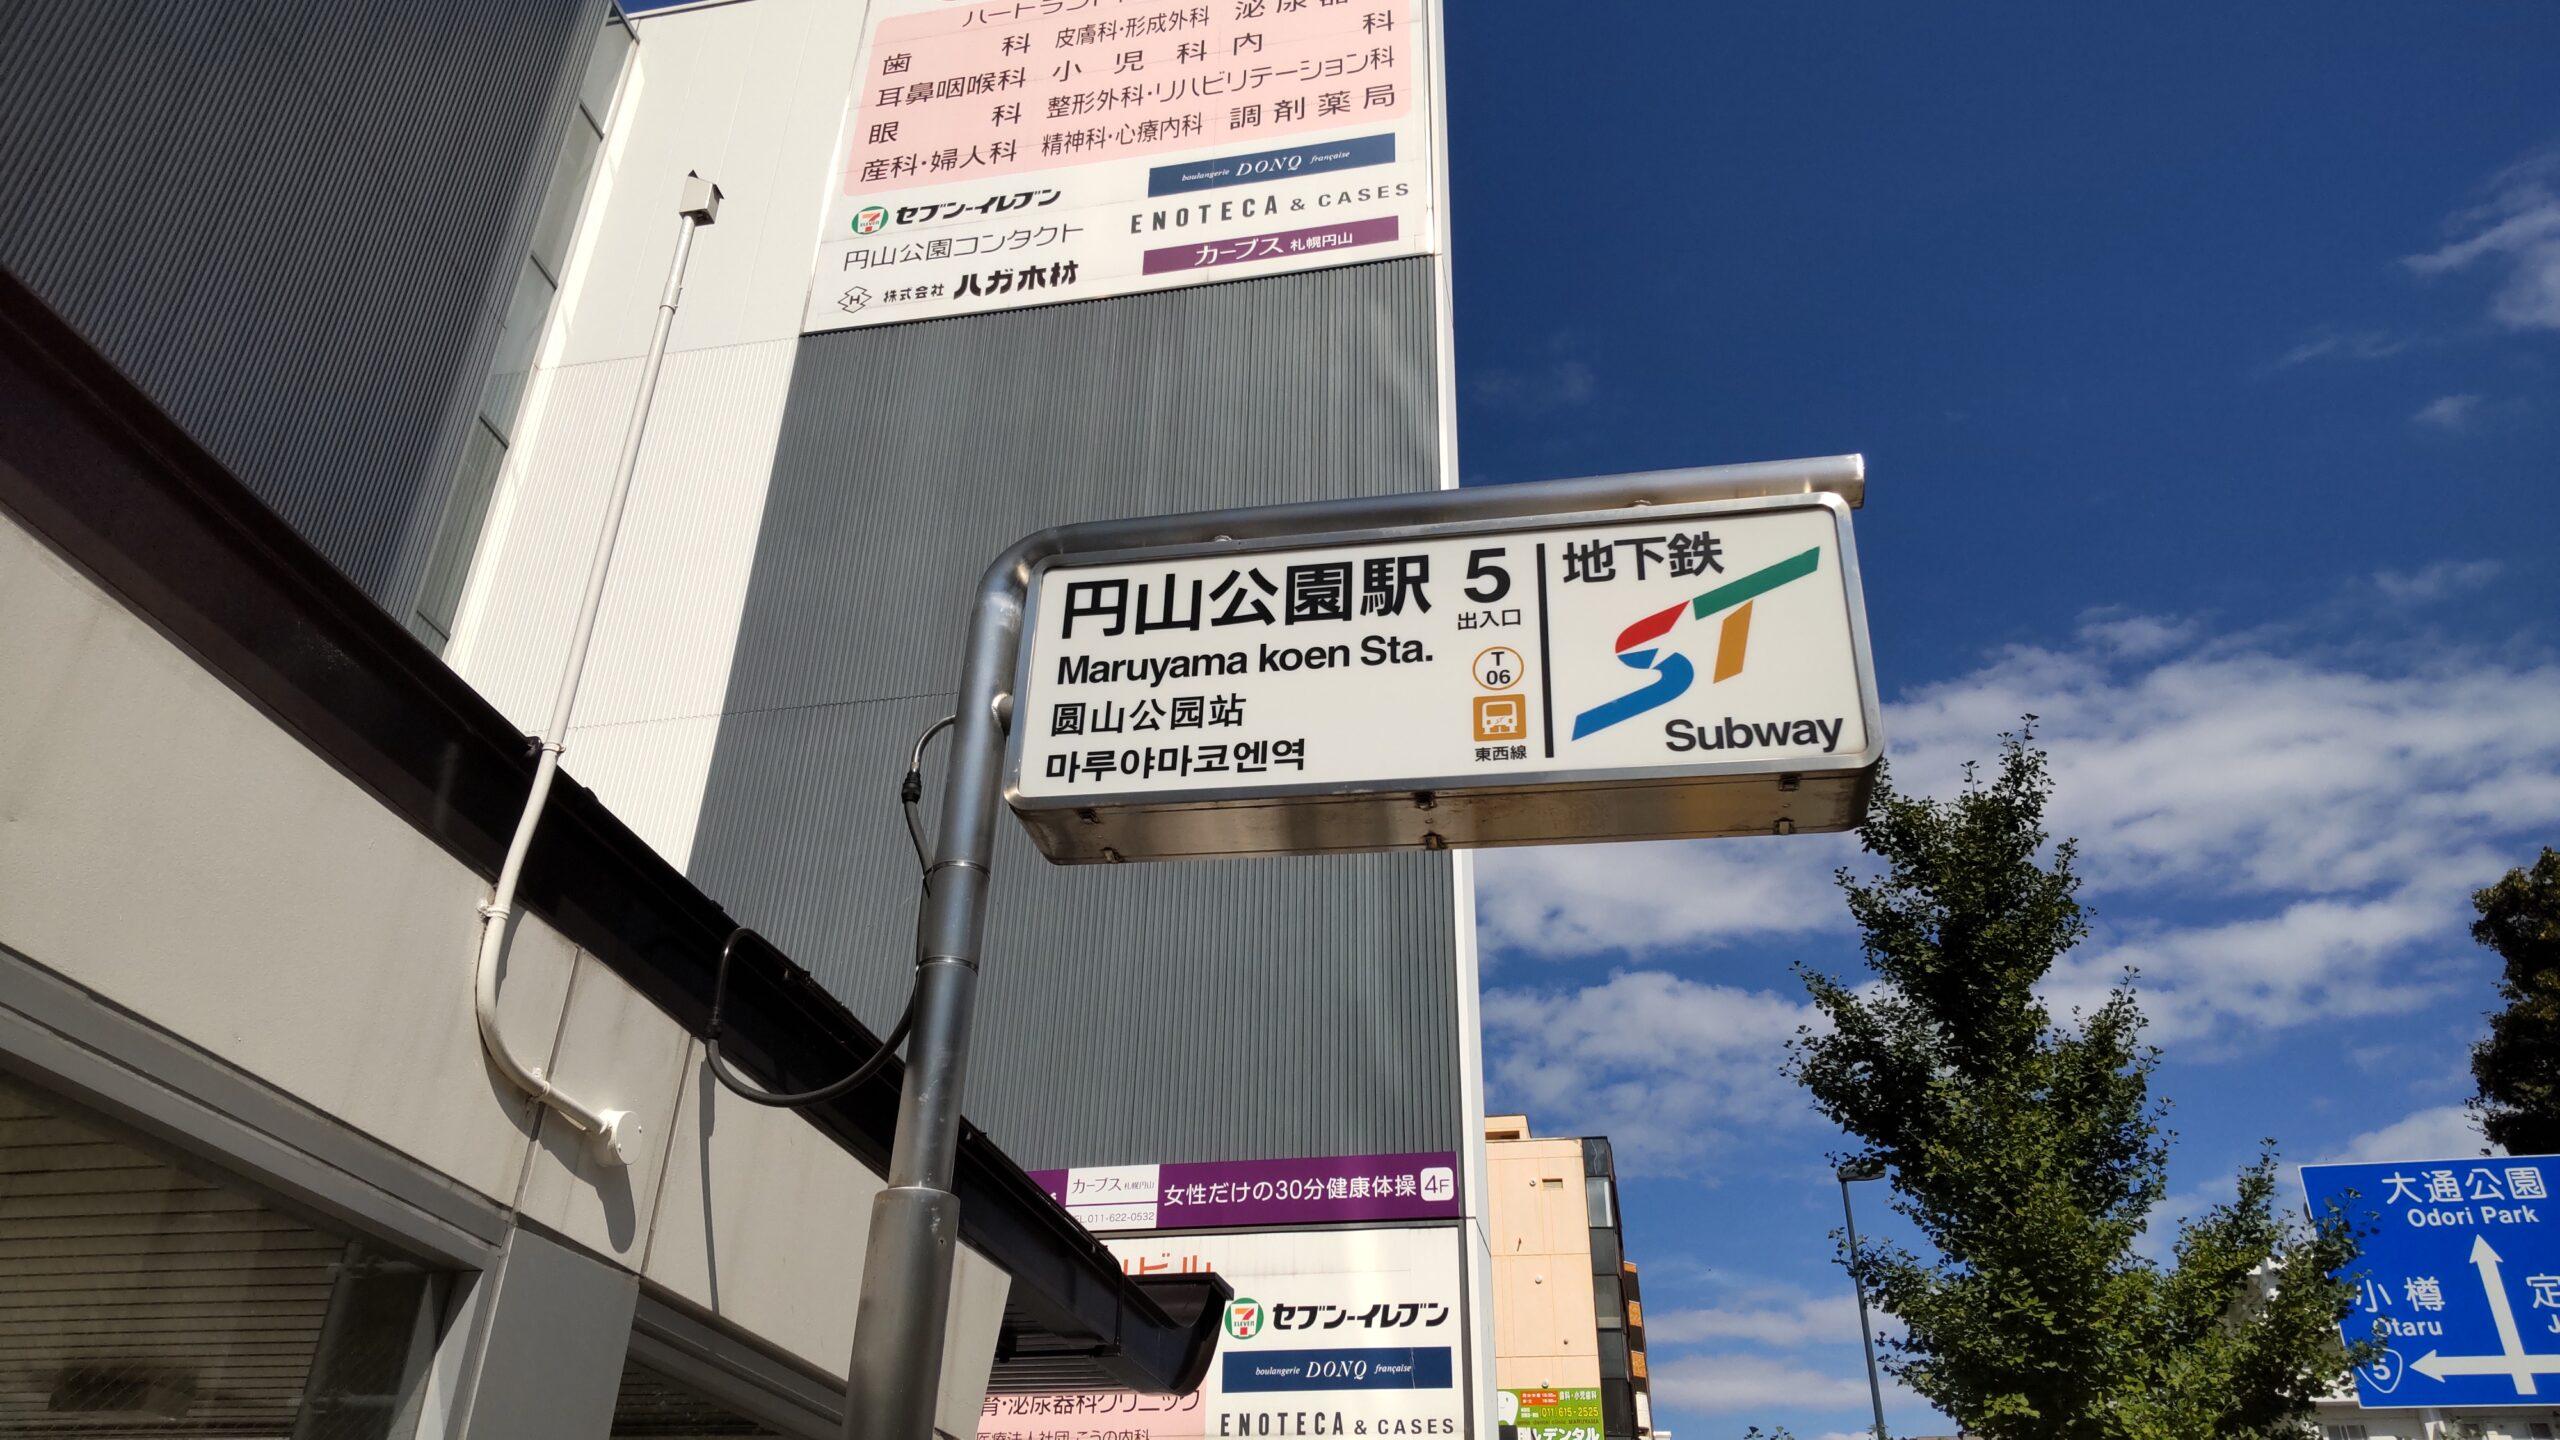 札幌市営地下鉄東西線「円山公園駅」